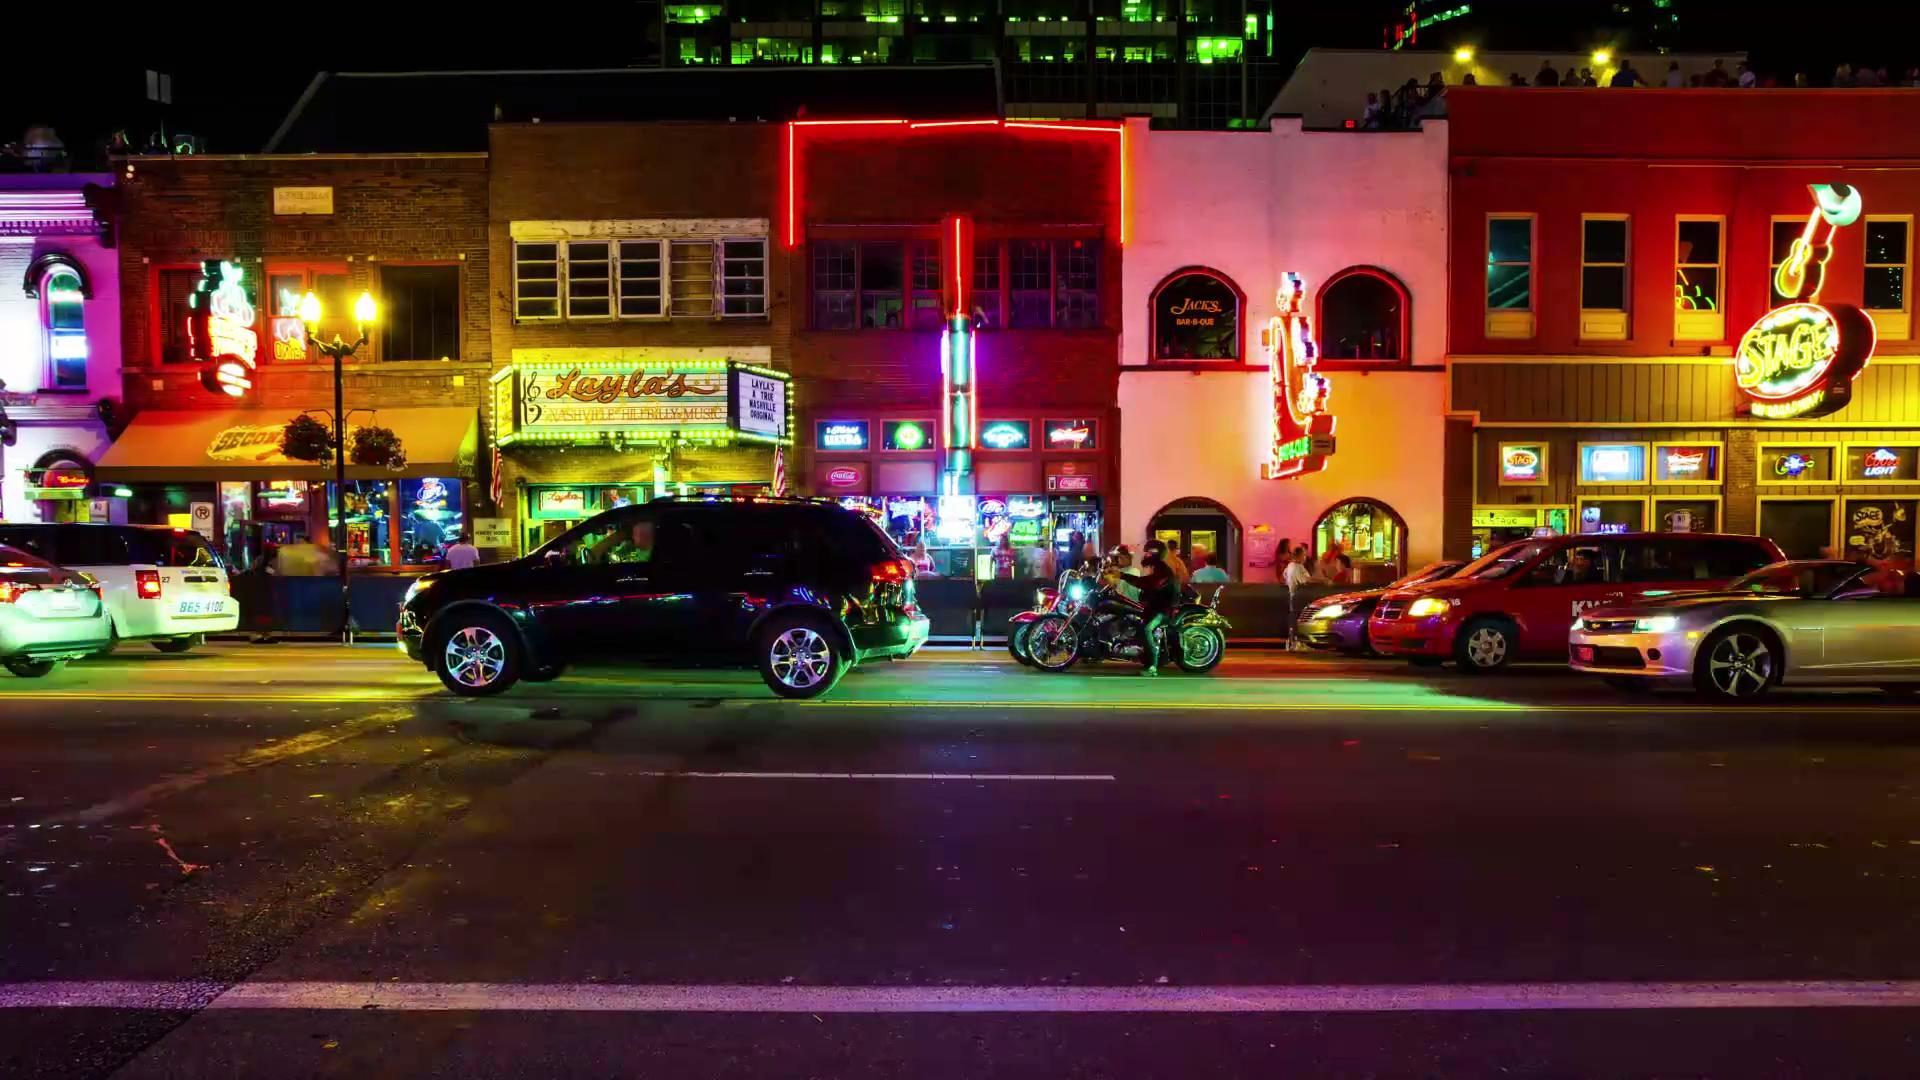 Local Flavor: Touring Nashville's Edgehill Village